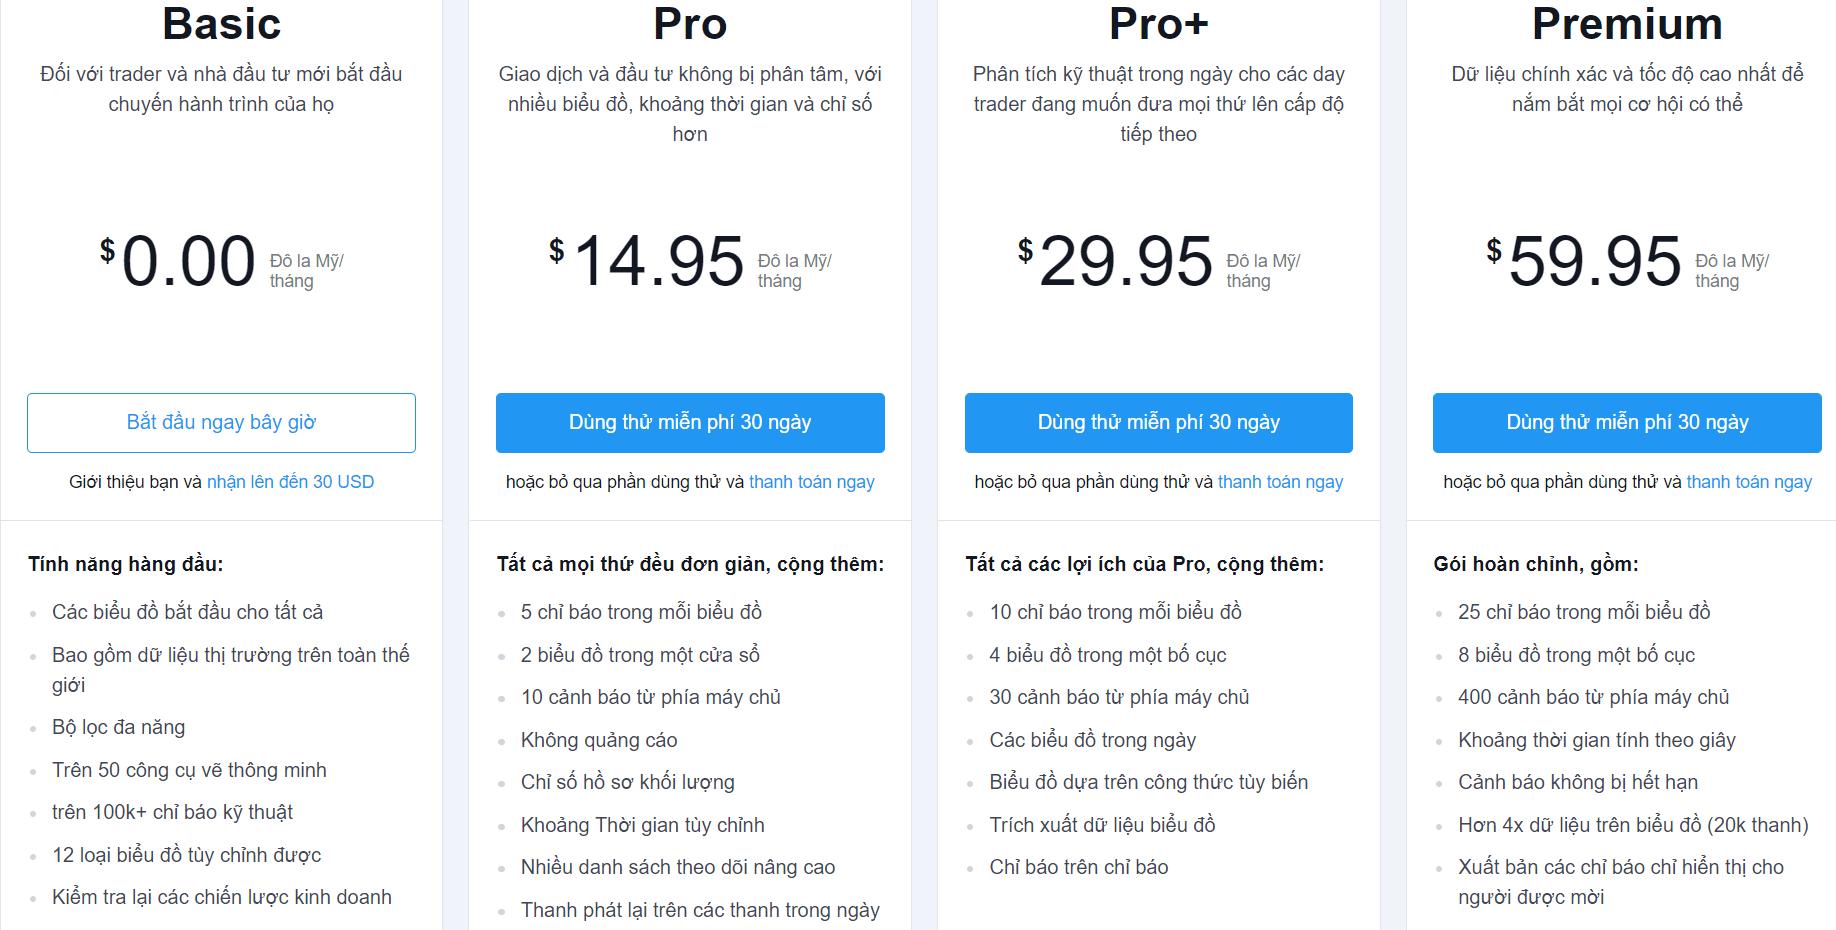 Tài khoản trả phí (Pro, Pro+ và Premium Account)